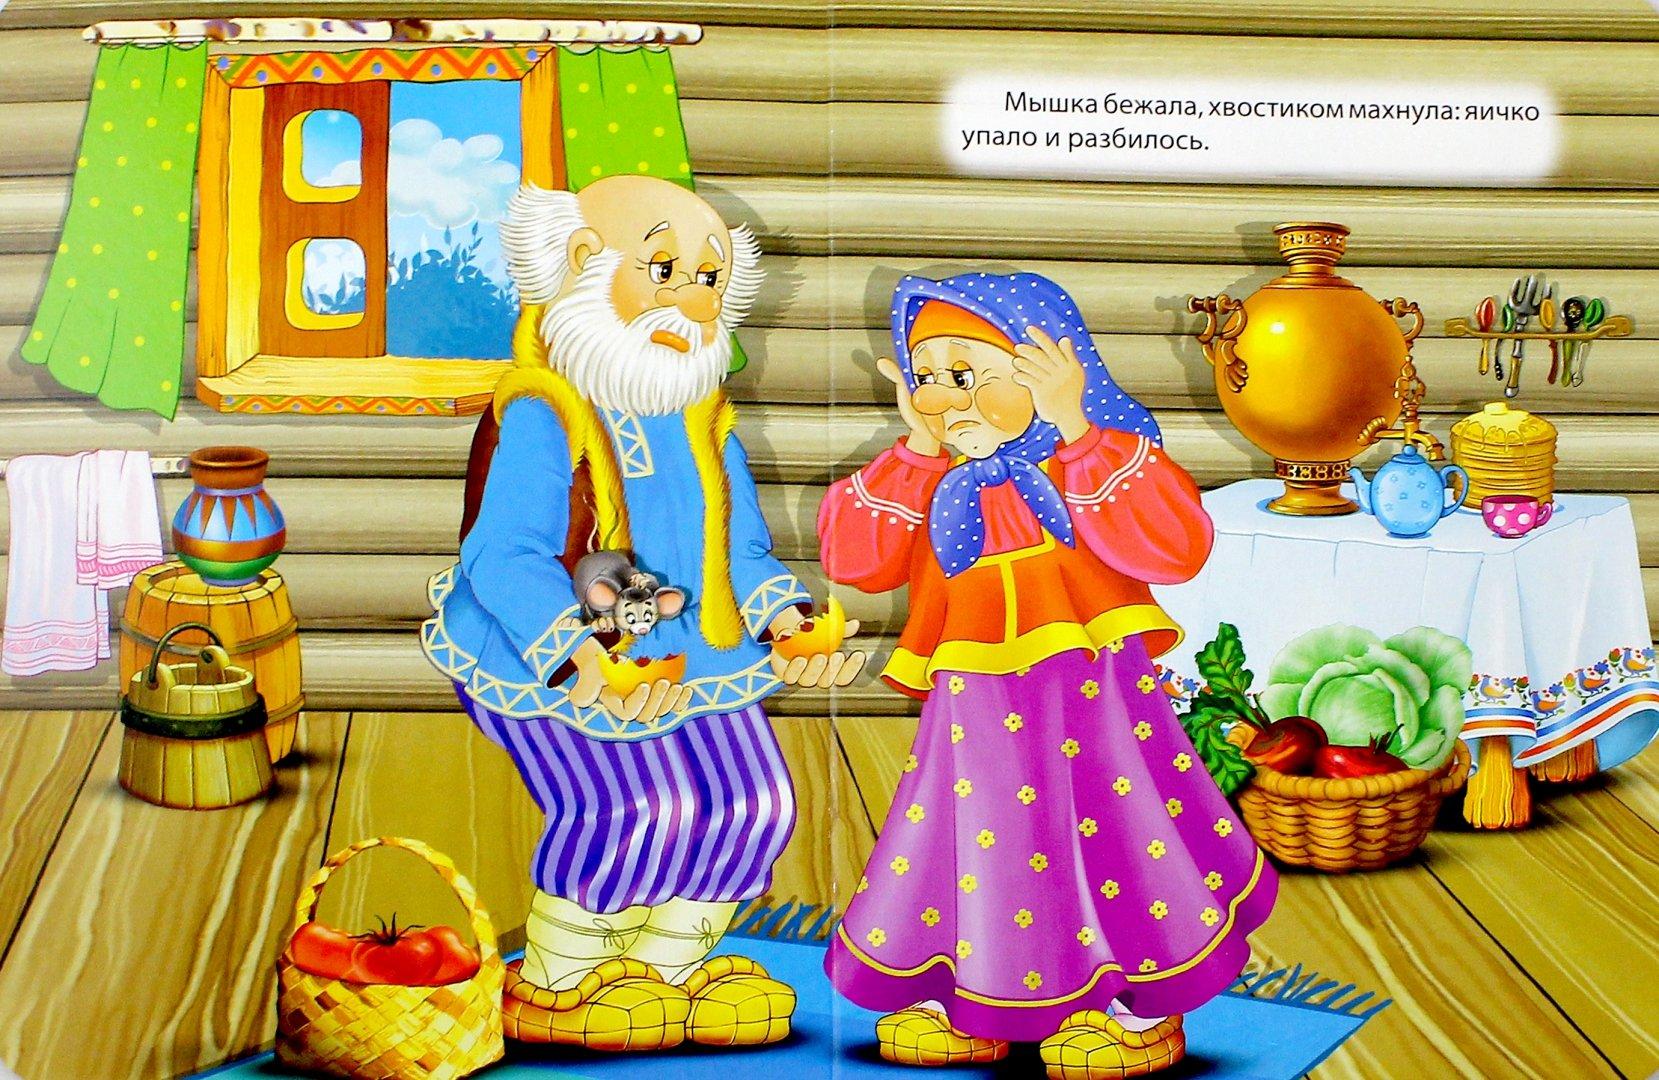 Фото картинки сказок для детей